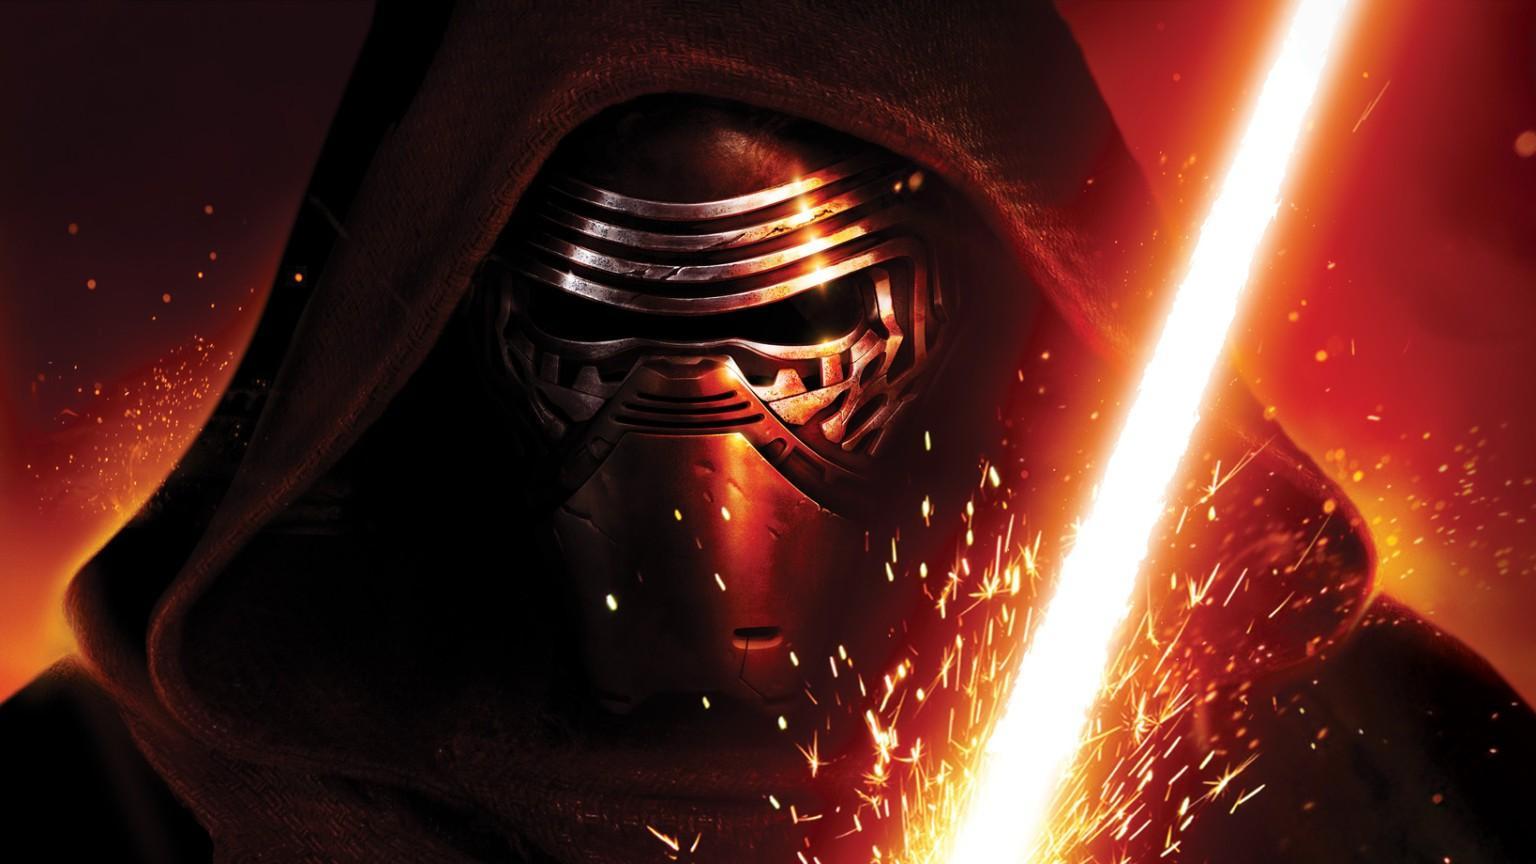 Kylo Ren The Force Awakens Wallpapers HD 1536x864